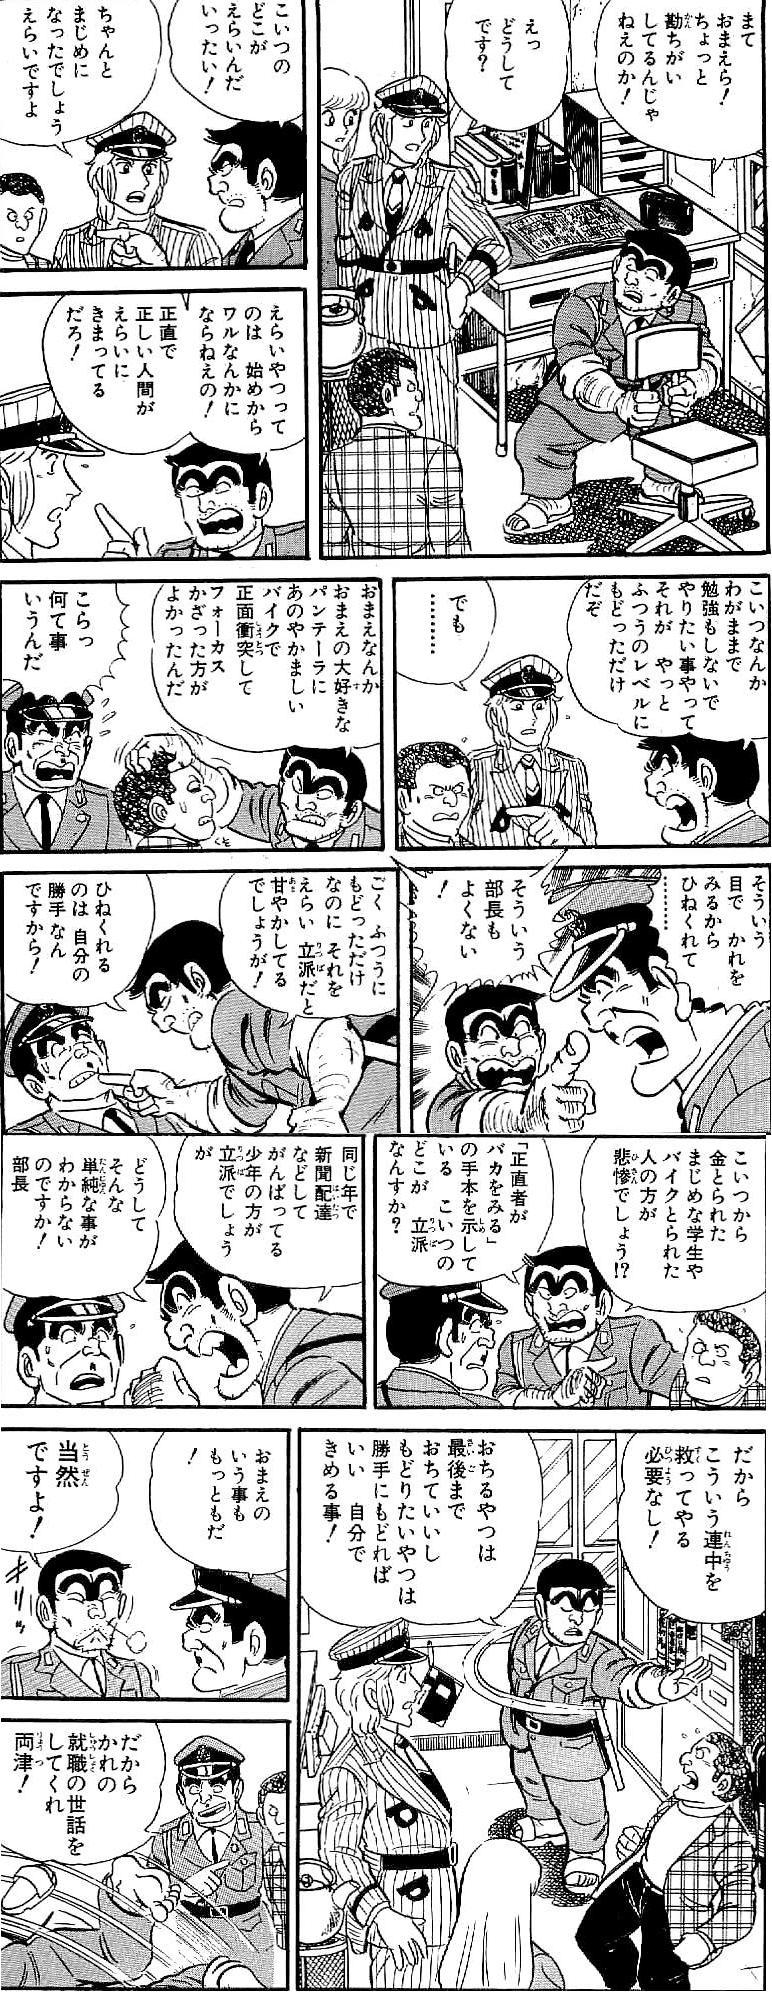 http://livedoor.2.blogimg.jp/funs/imgs/d/5/d50f7444.jpg